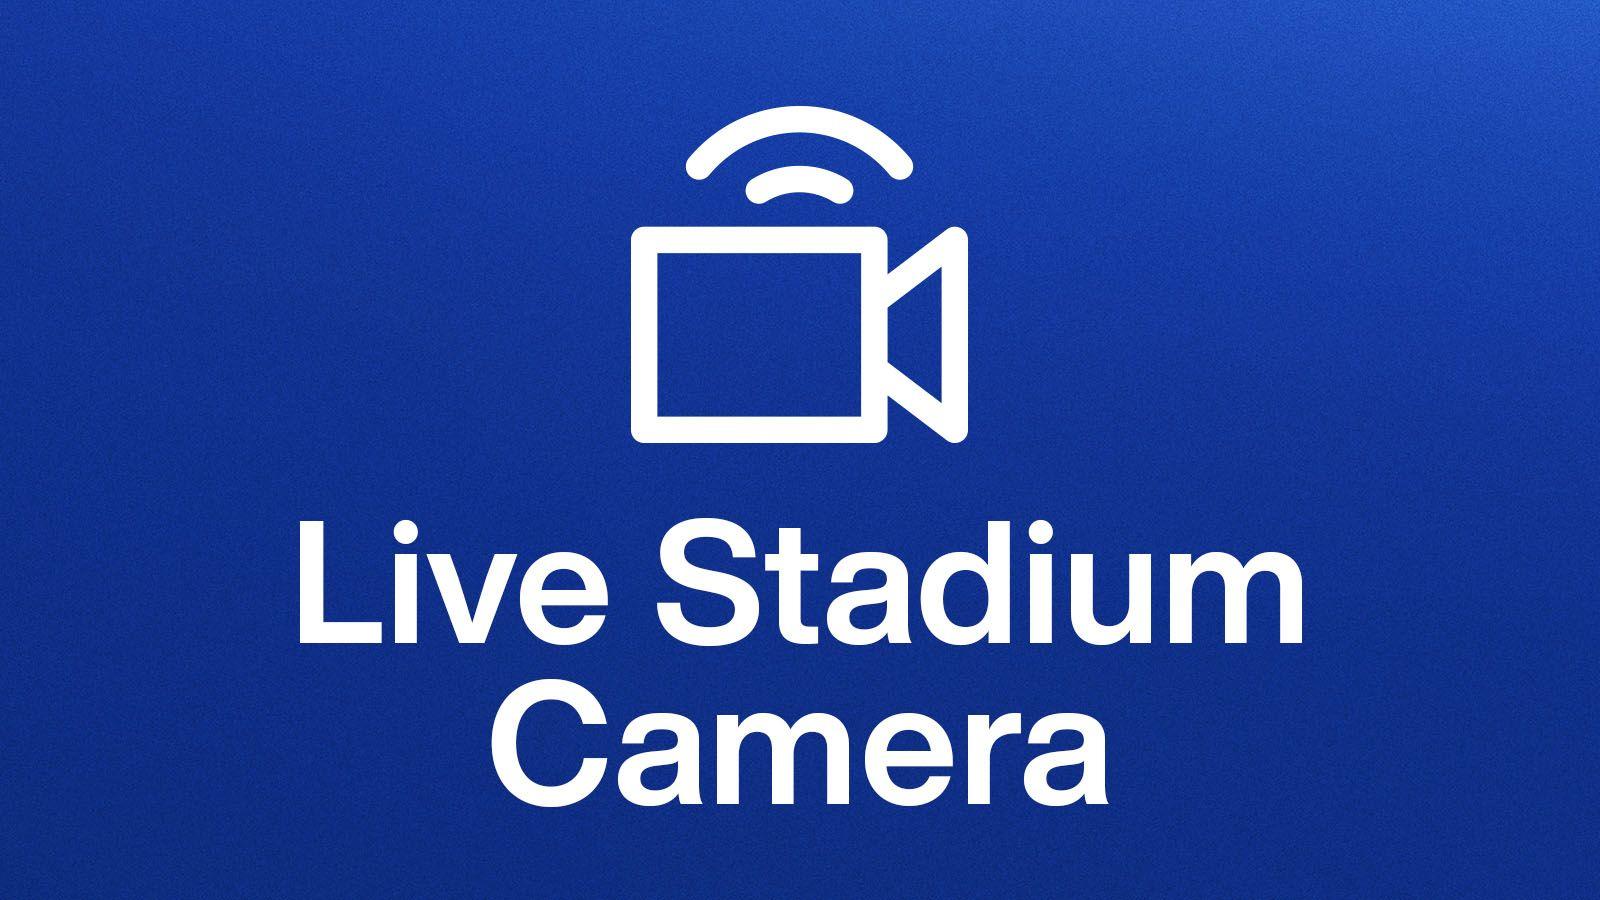 STM-info-updated-livecam